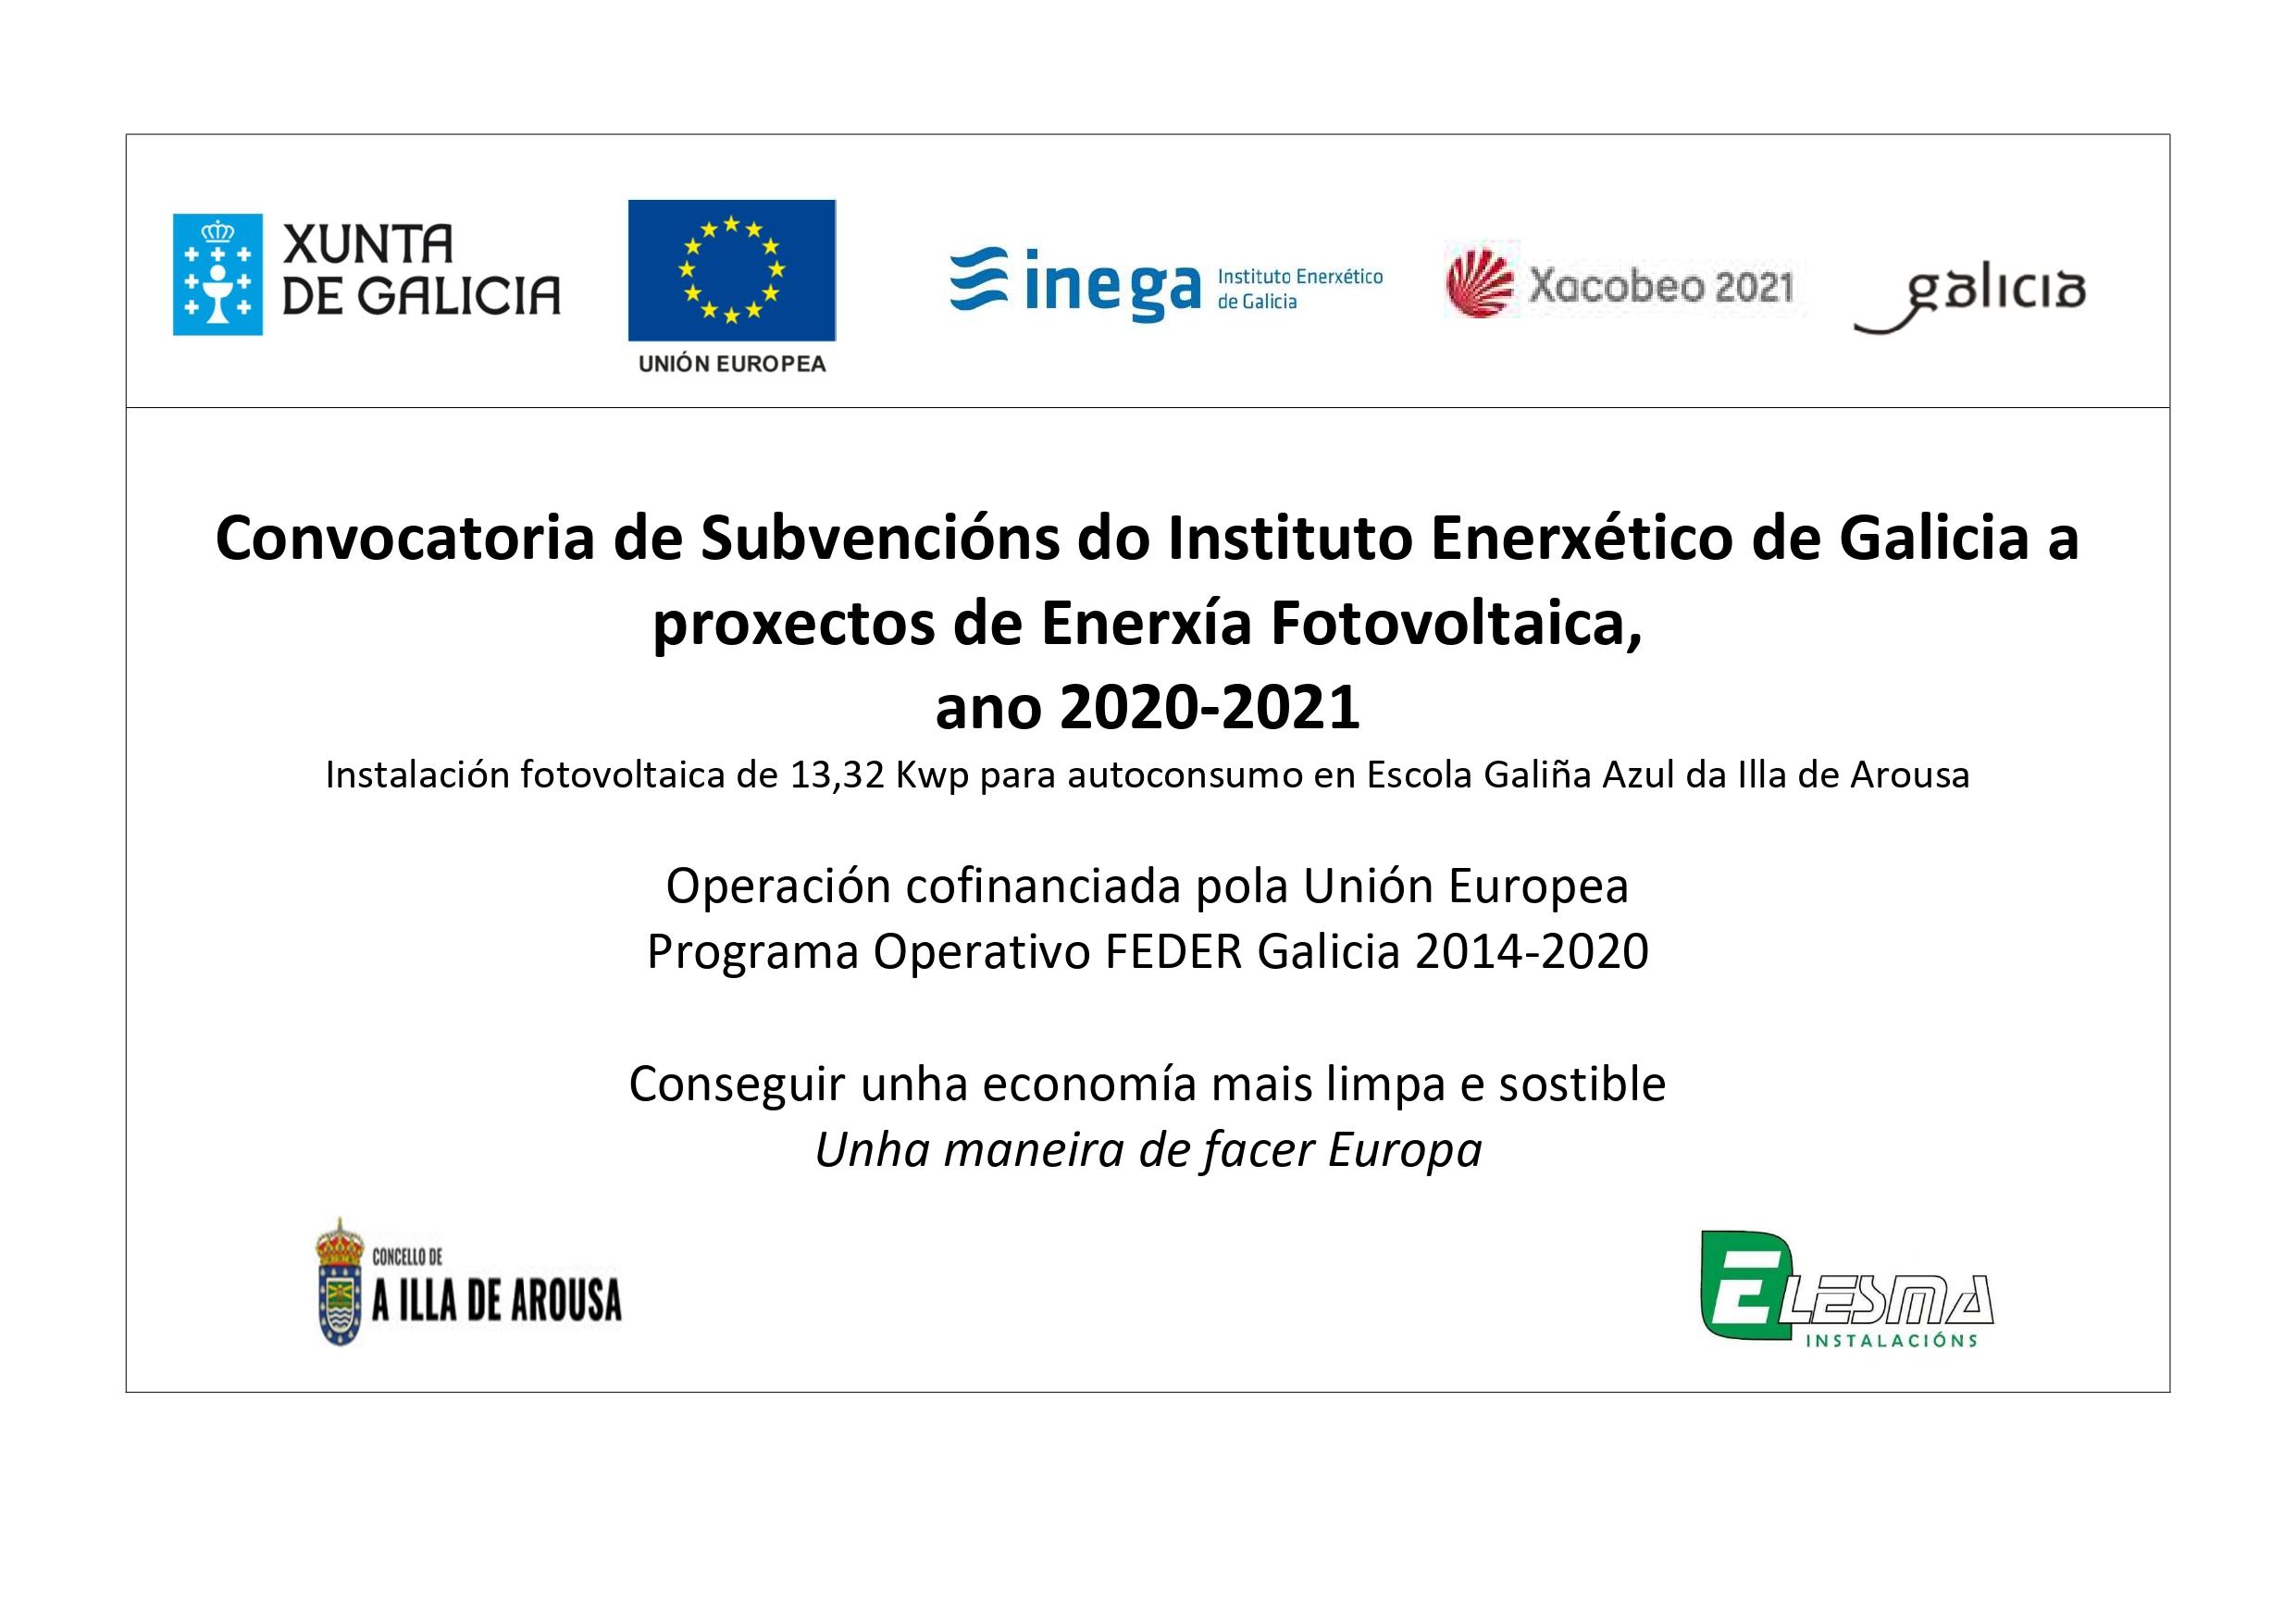 Convocatoria de Subvencións do Instituto Enerxético de Galicia a proxectos de Enerxía Fotovoltaica, ano 2020-2021